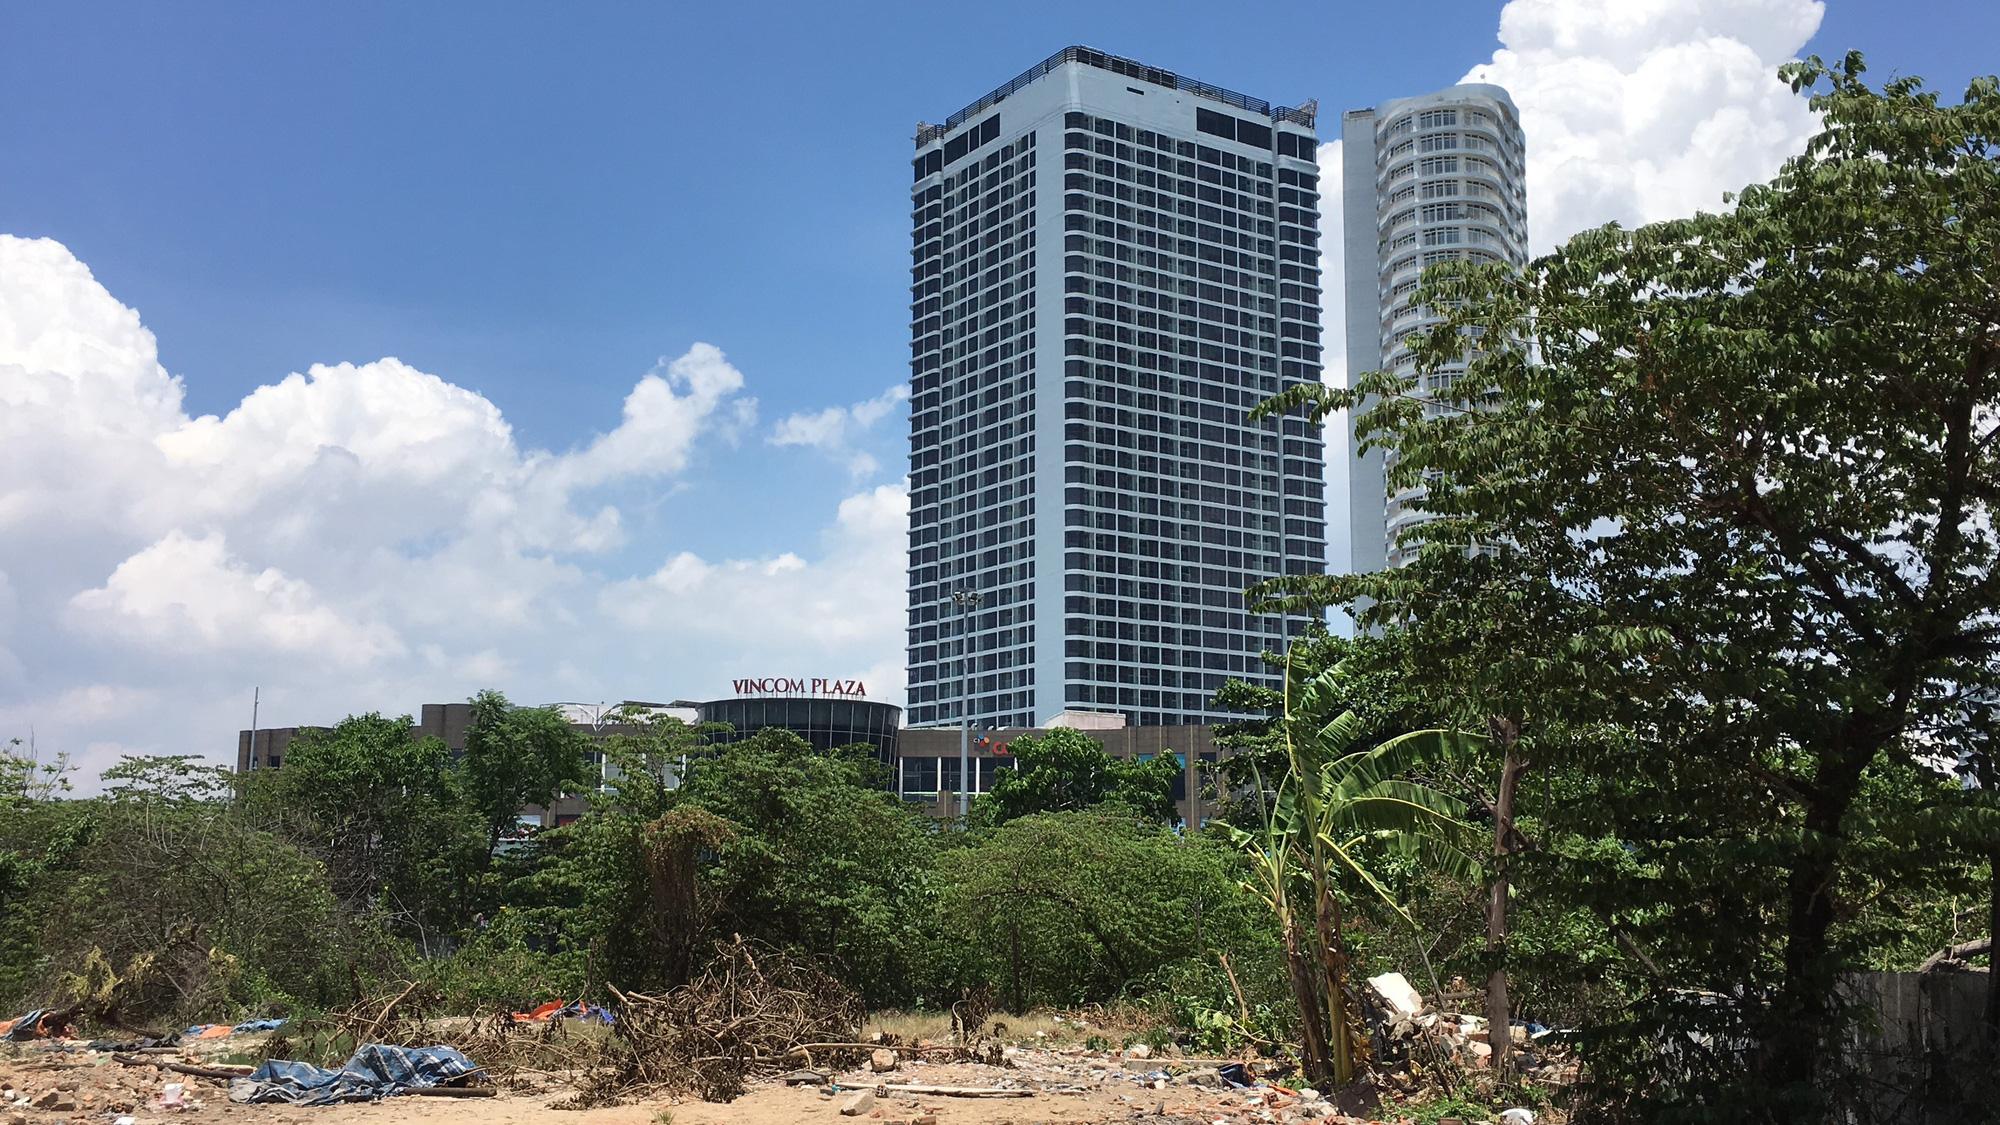 Cận cảnh khu đất gần sông Hàn có thể xây dựng cao 40 tầng được Đà Nẵng kêu gọi đầu tư - Ảnh 2.